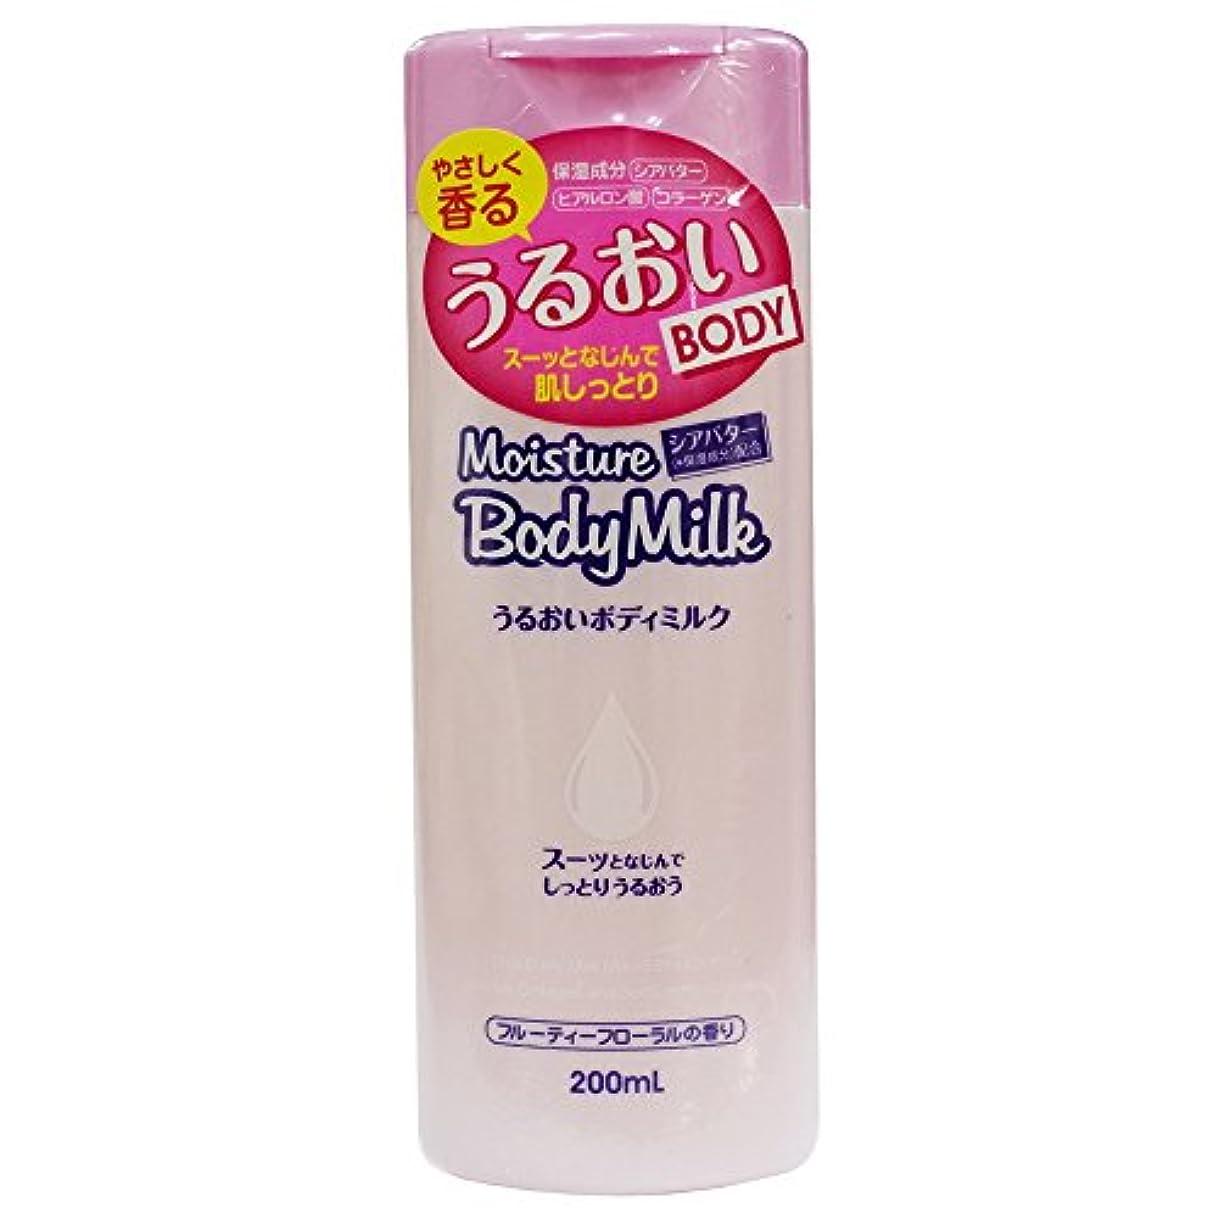 不良品アッパー評判エムシートラスト プレヴェーユ ボディミルクCLC(乳液)